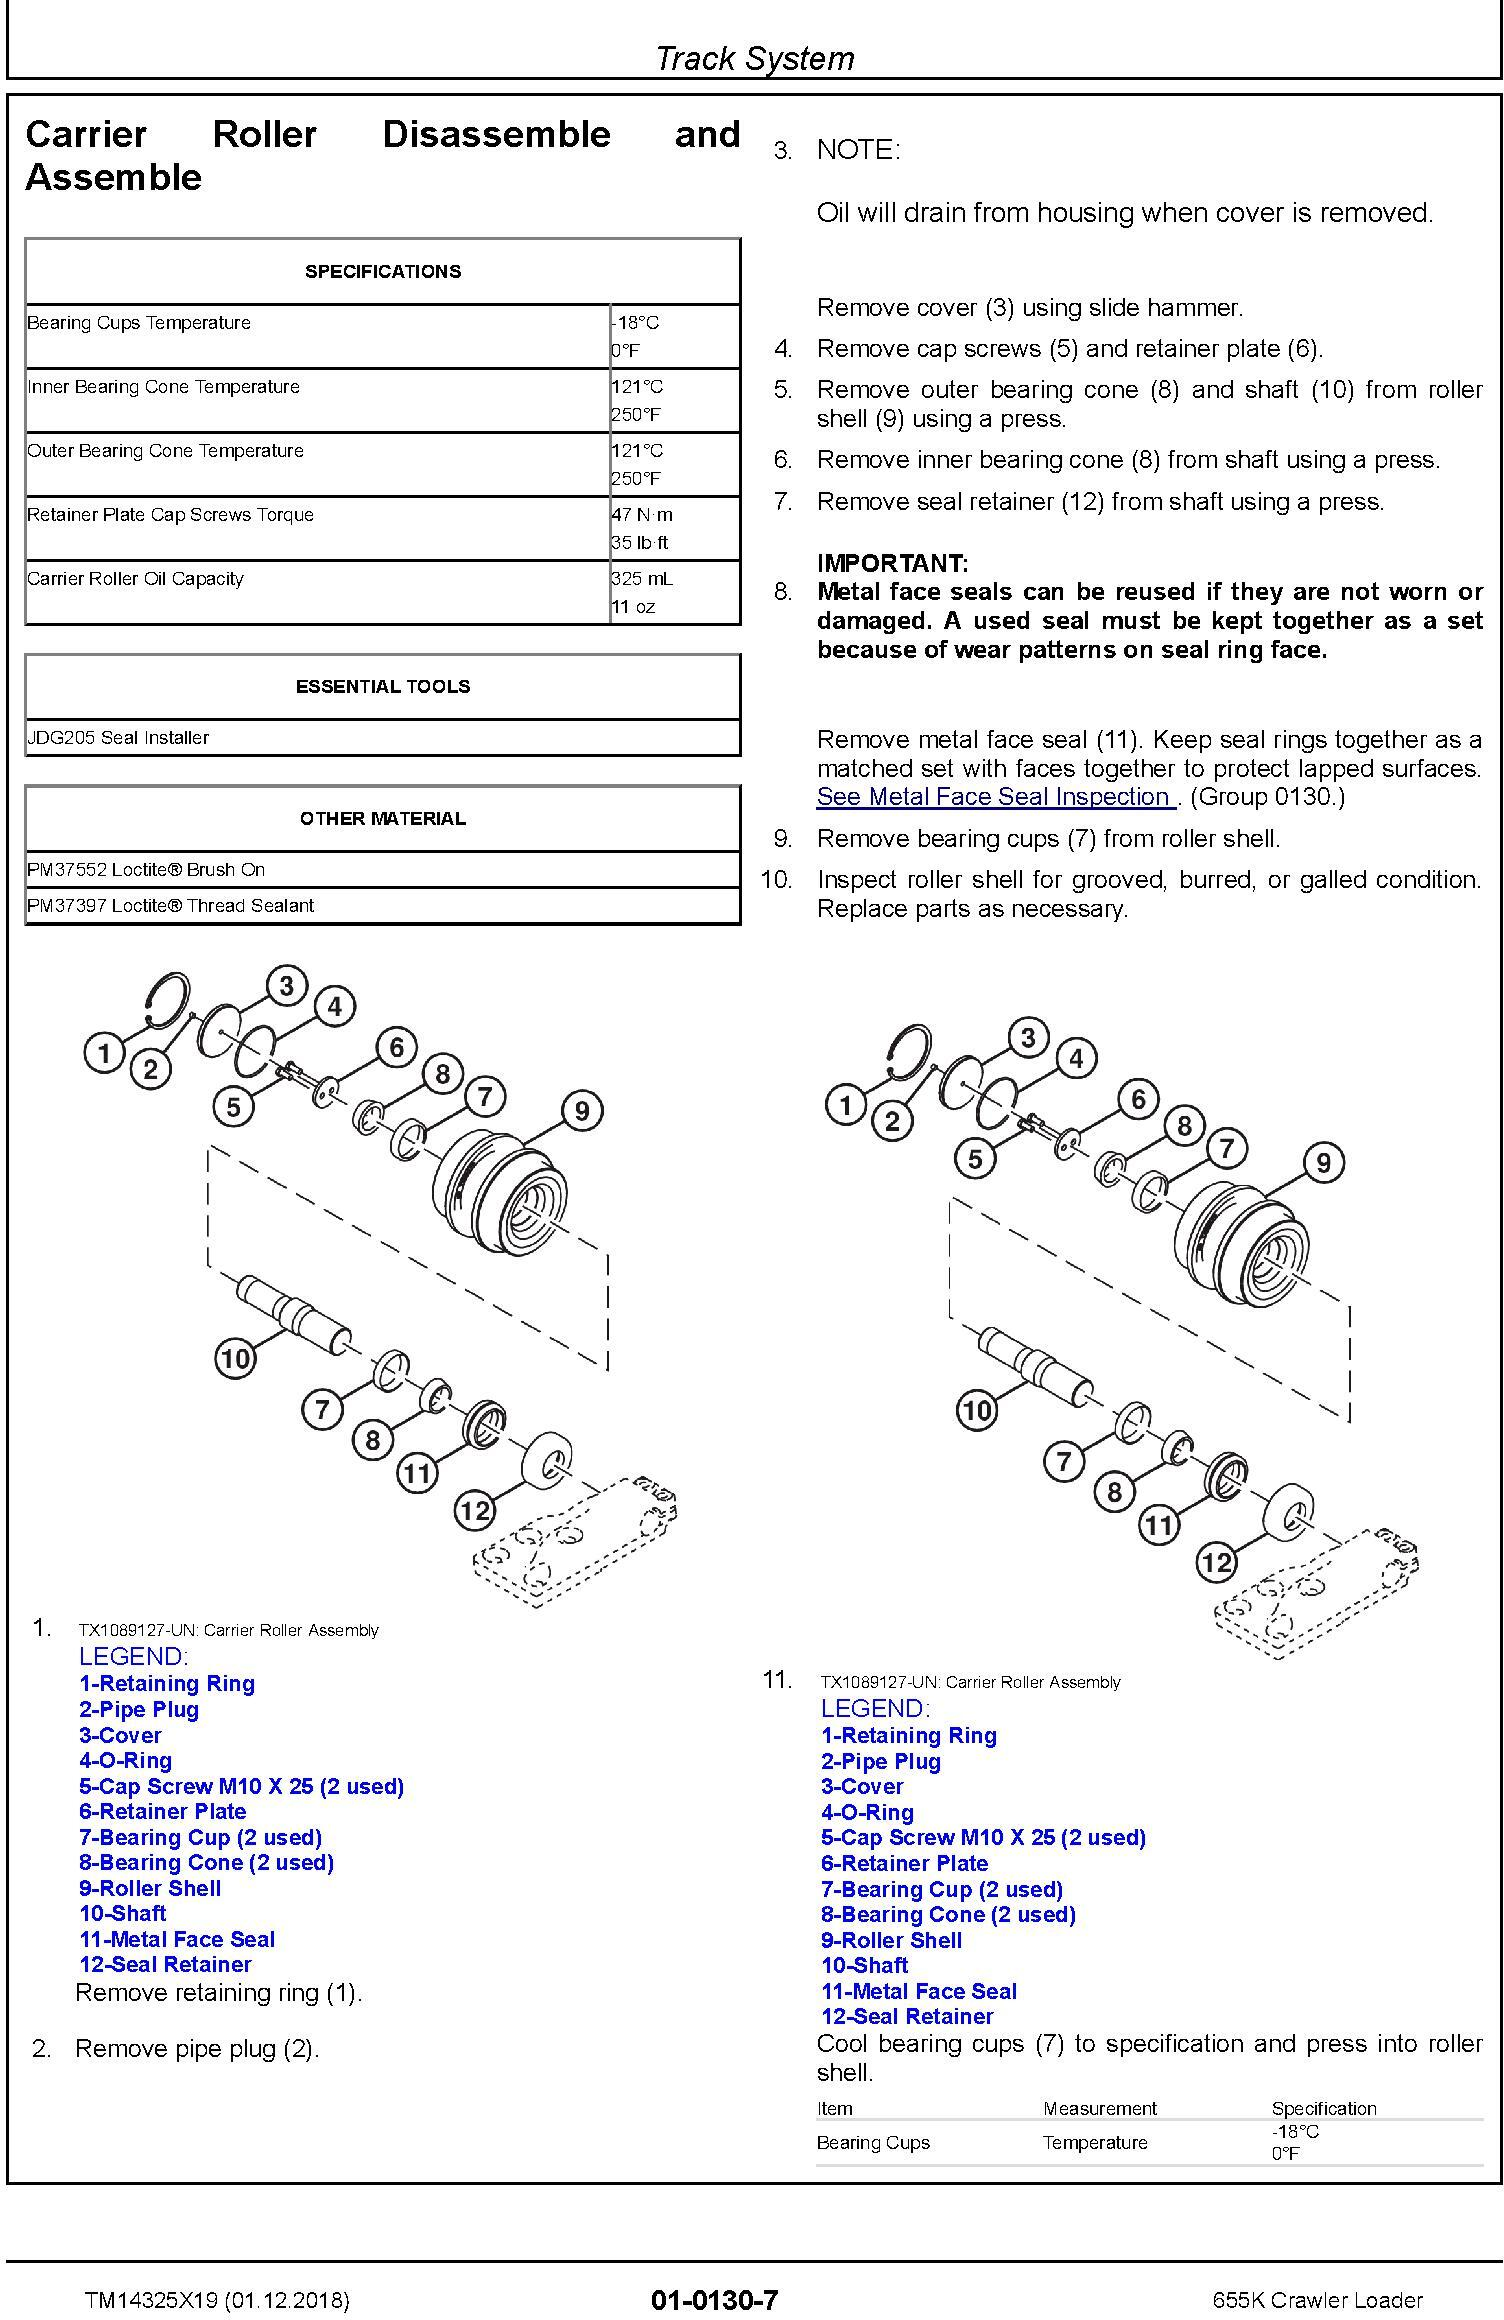 John Deere 655K Crawler Loader Repair Technical Manual (TM14325X19) - 1